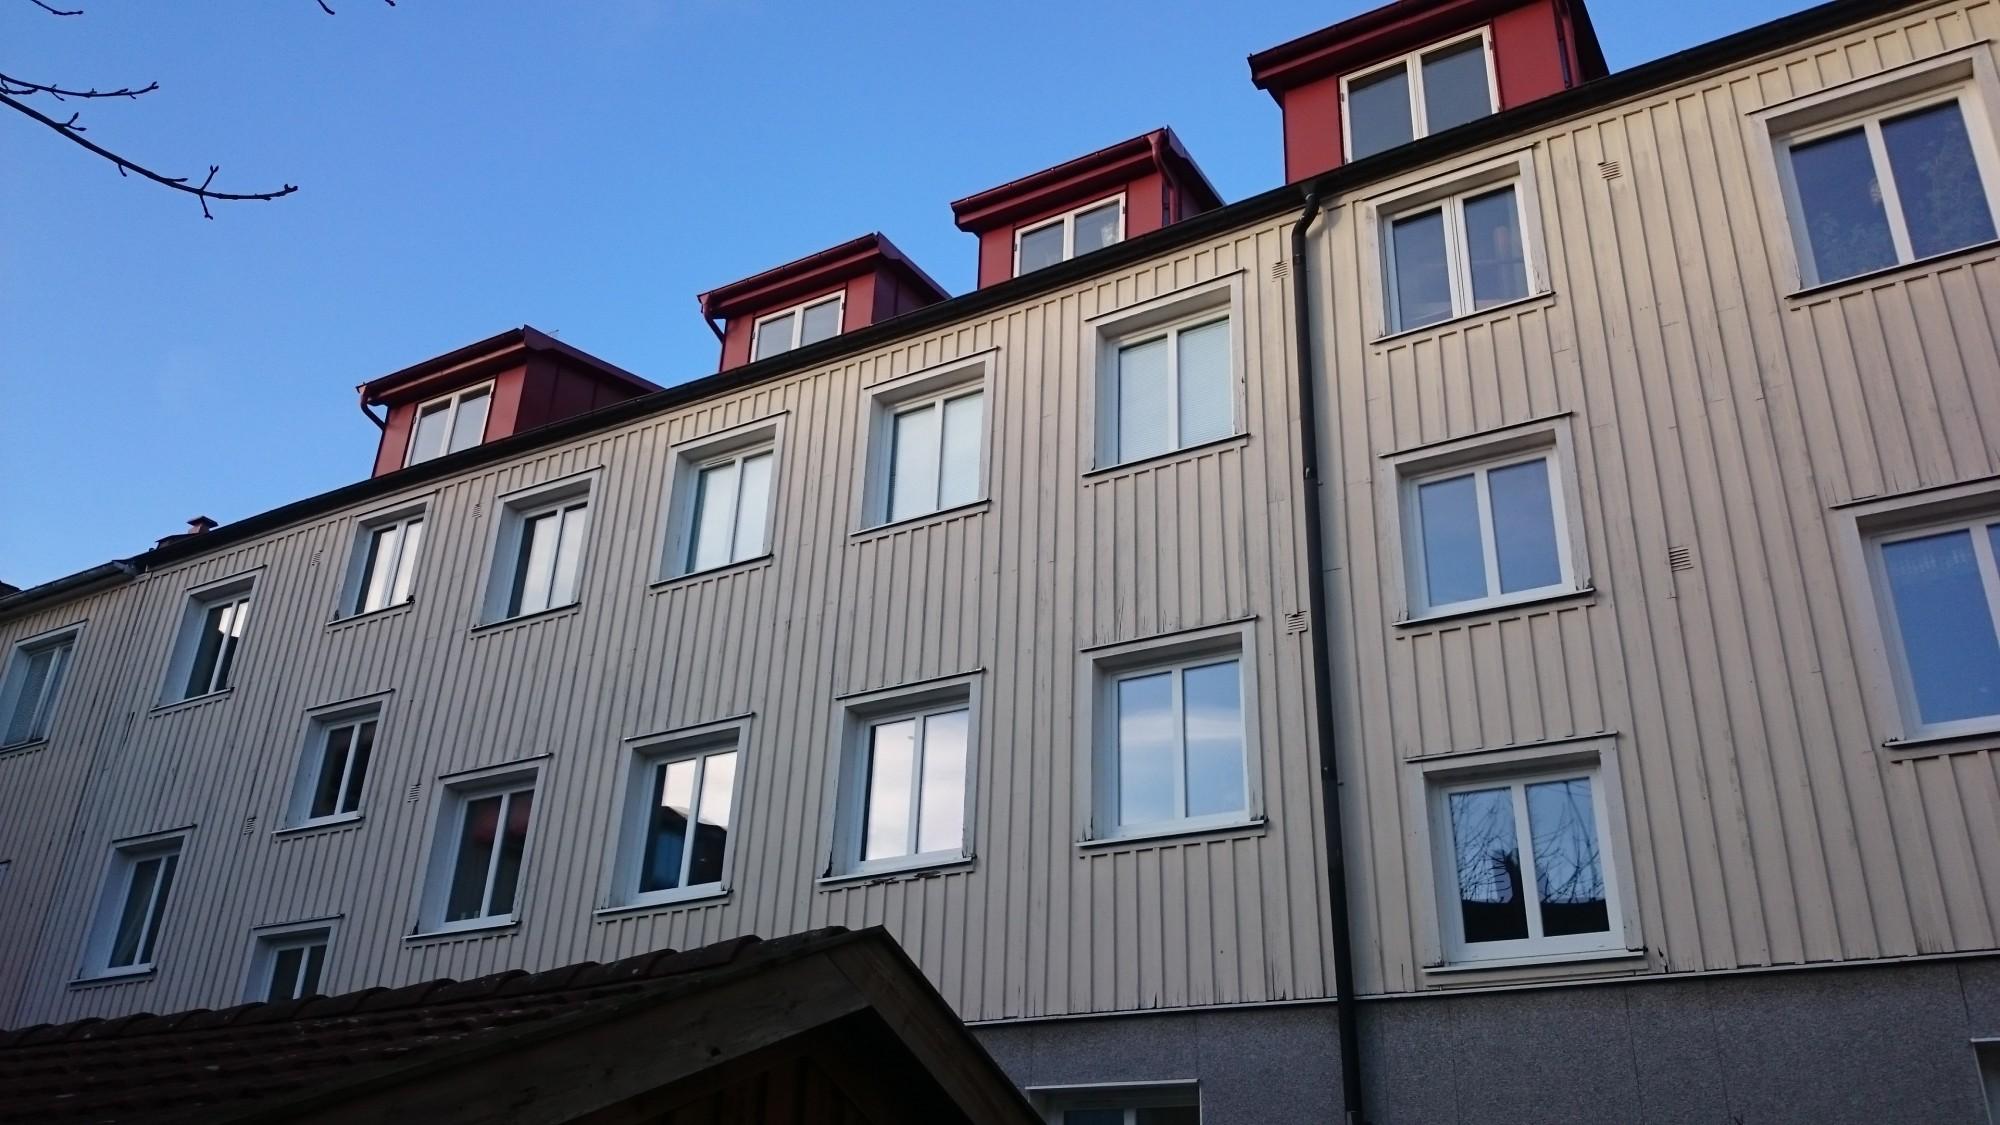 Byta fönster bostadsrättsförening